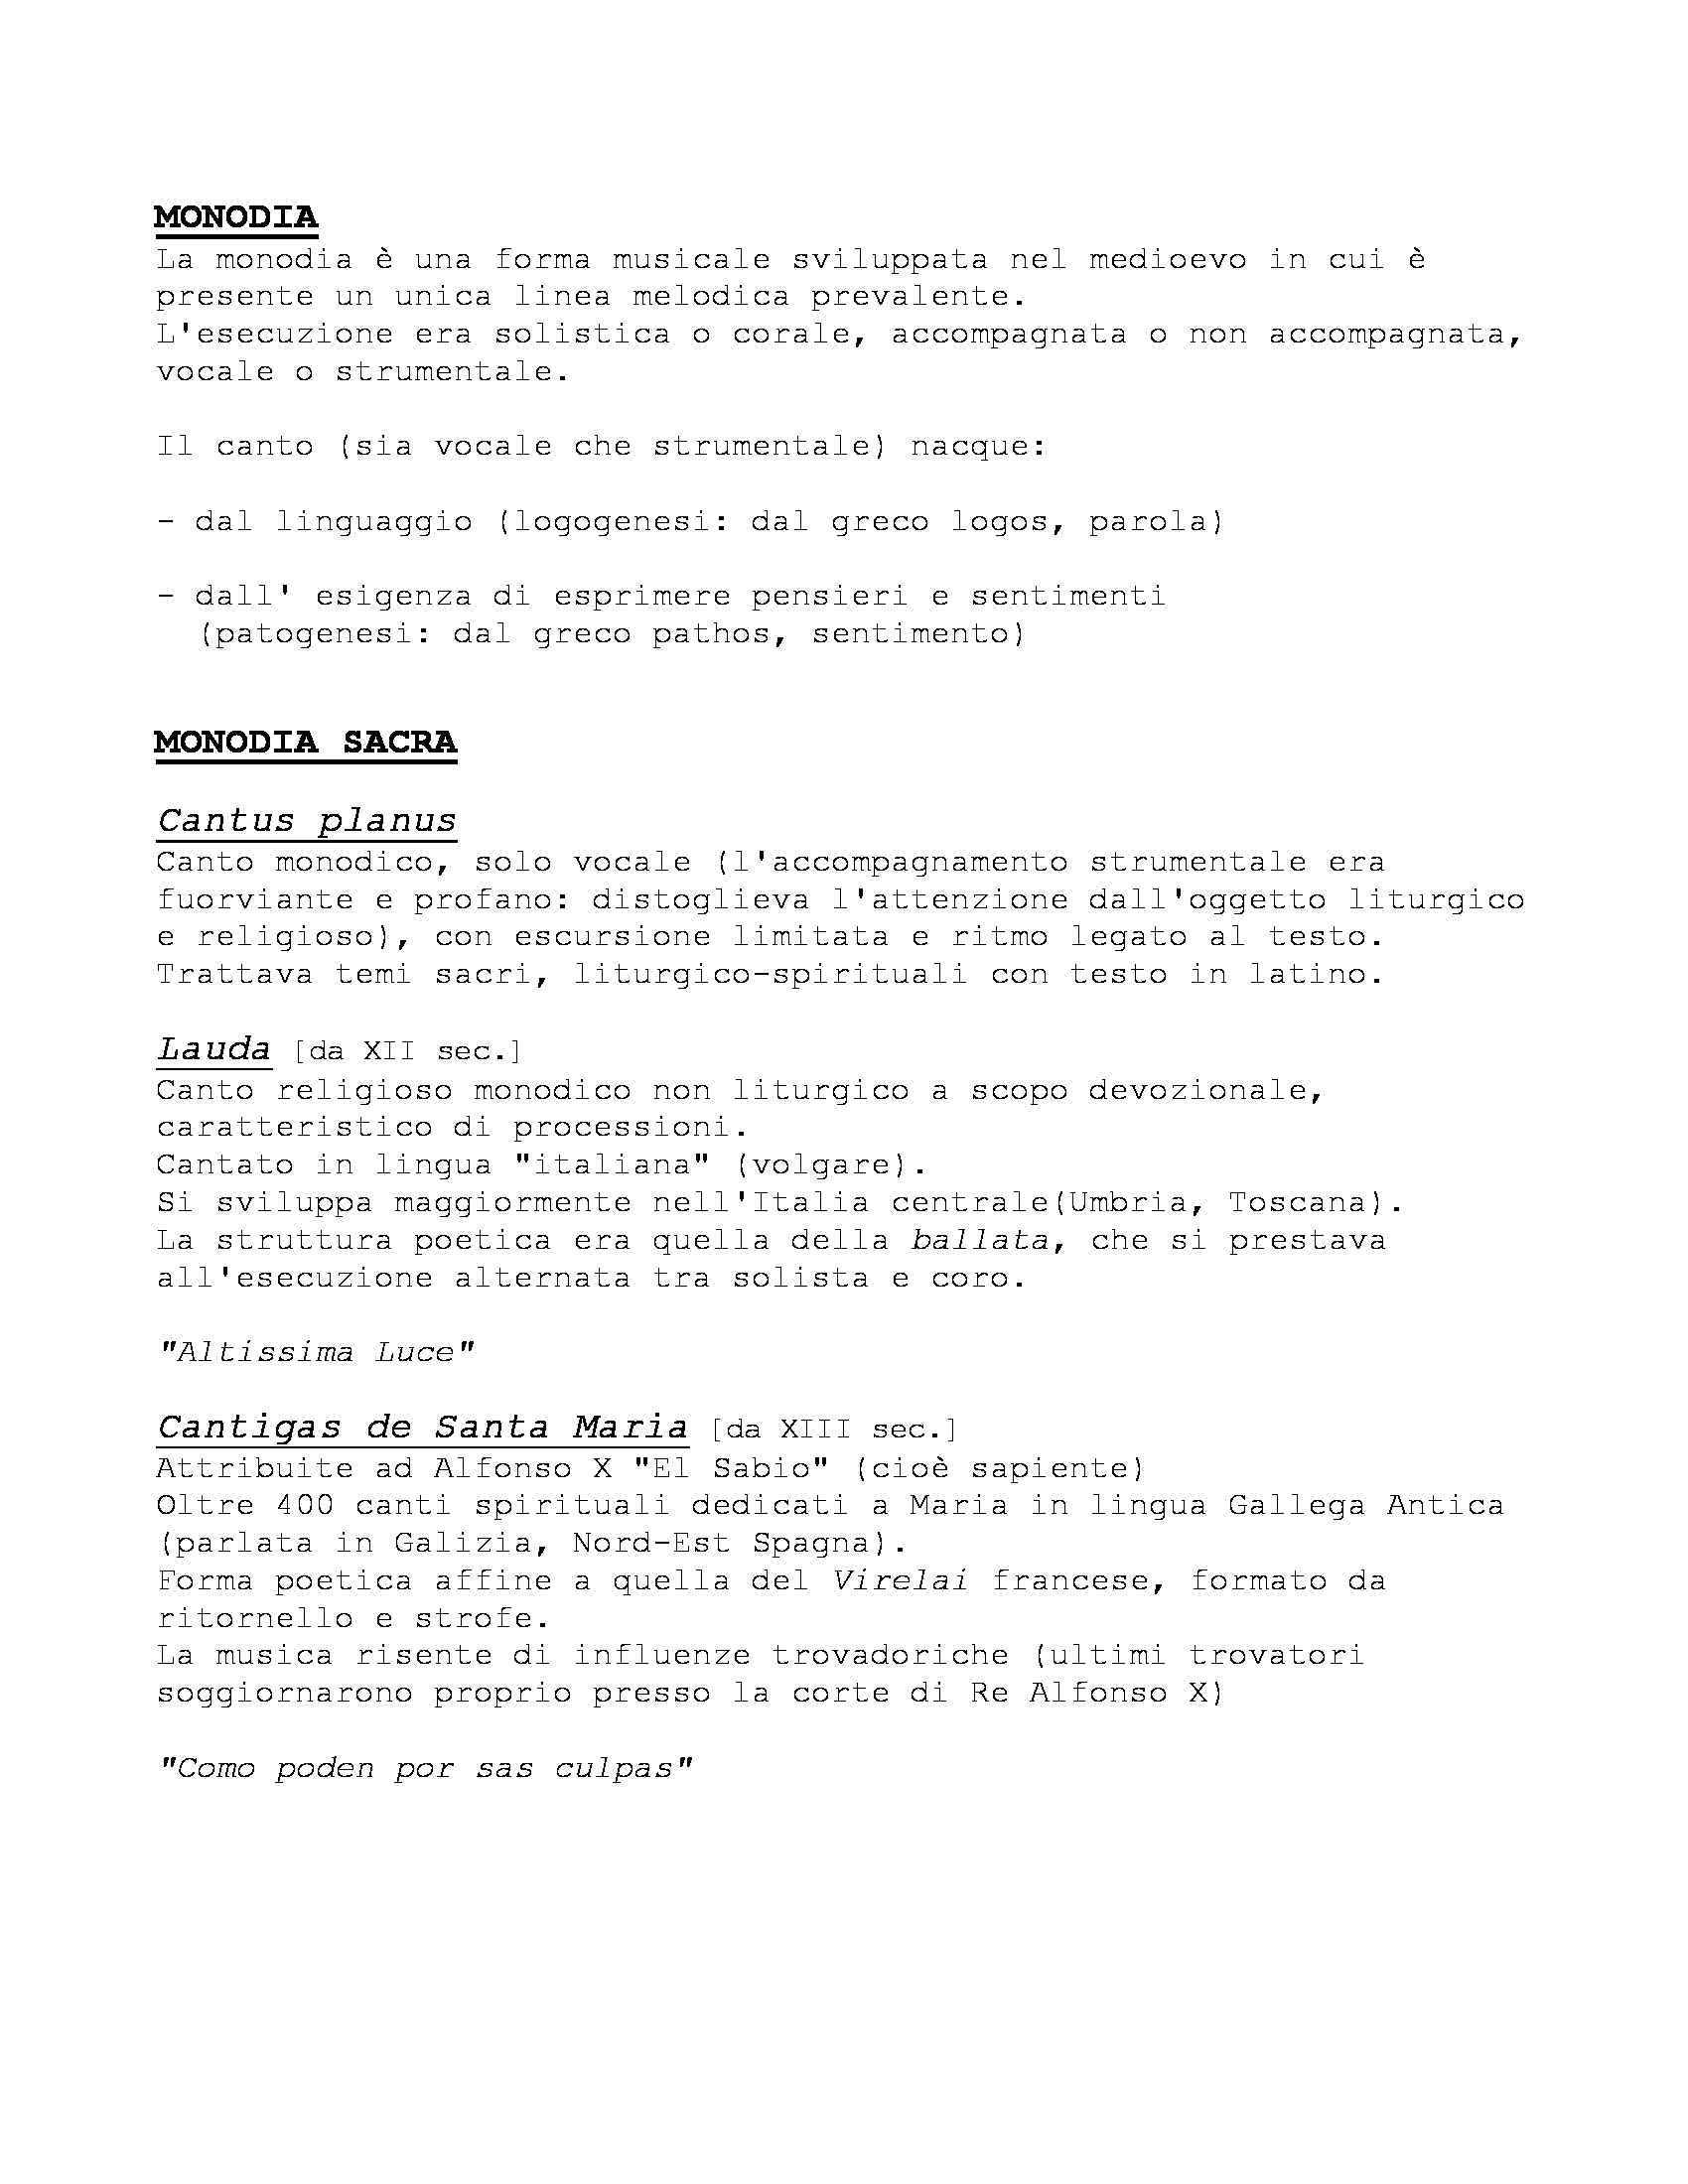 Storia delle Forme e Repertori Musicali 1 - Appunti Pag. 2